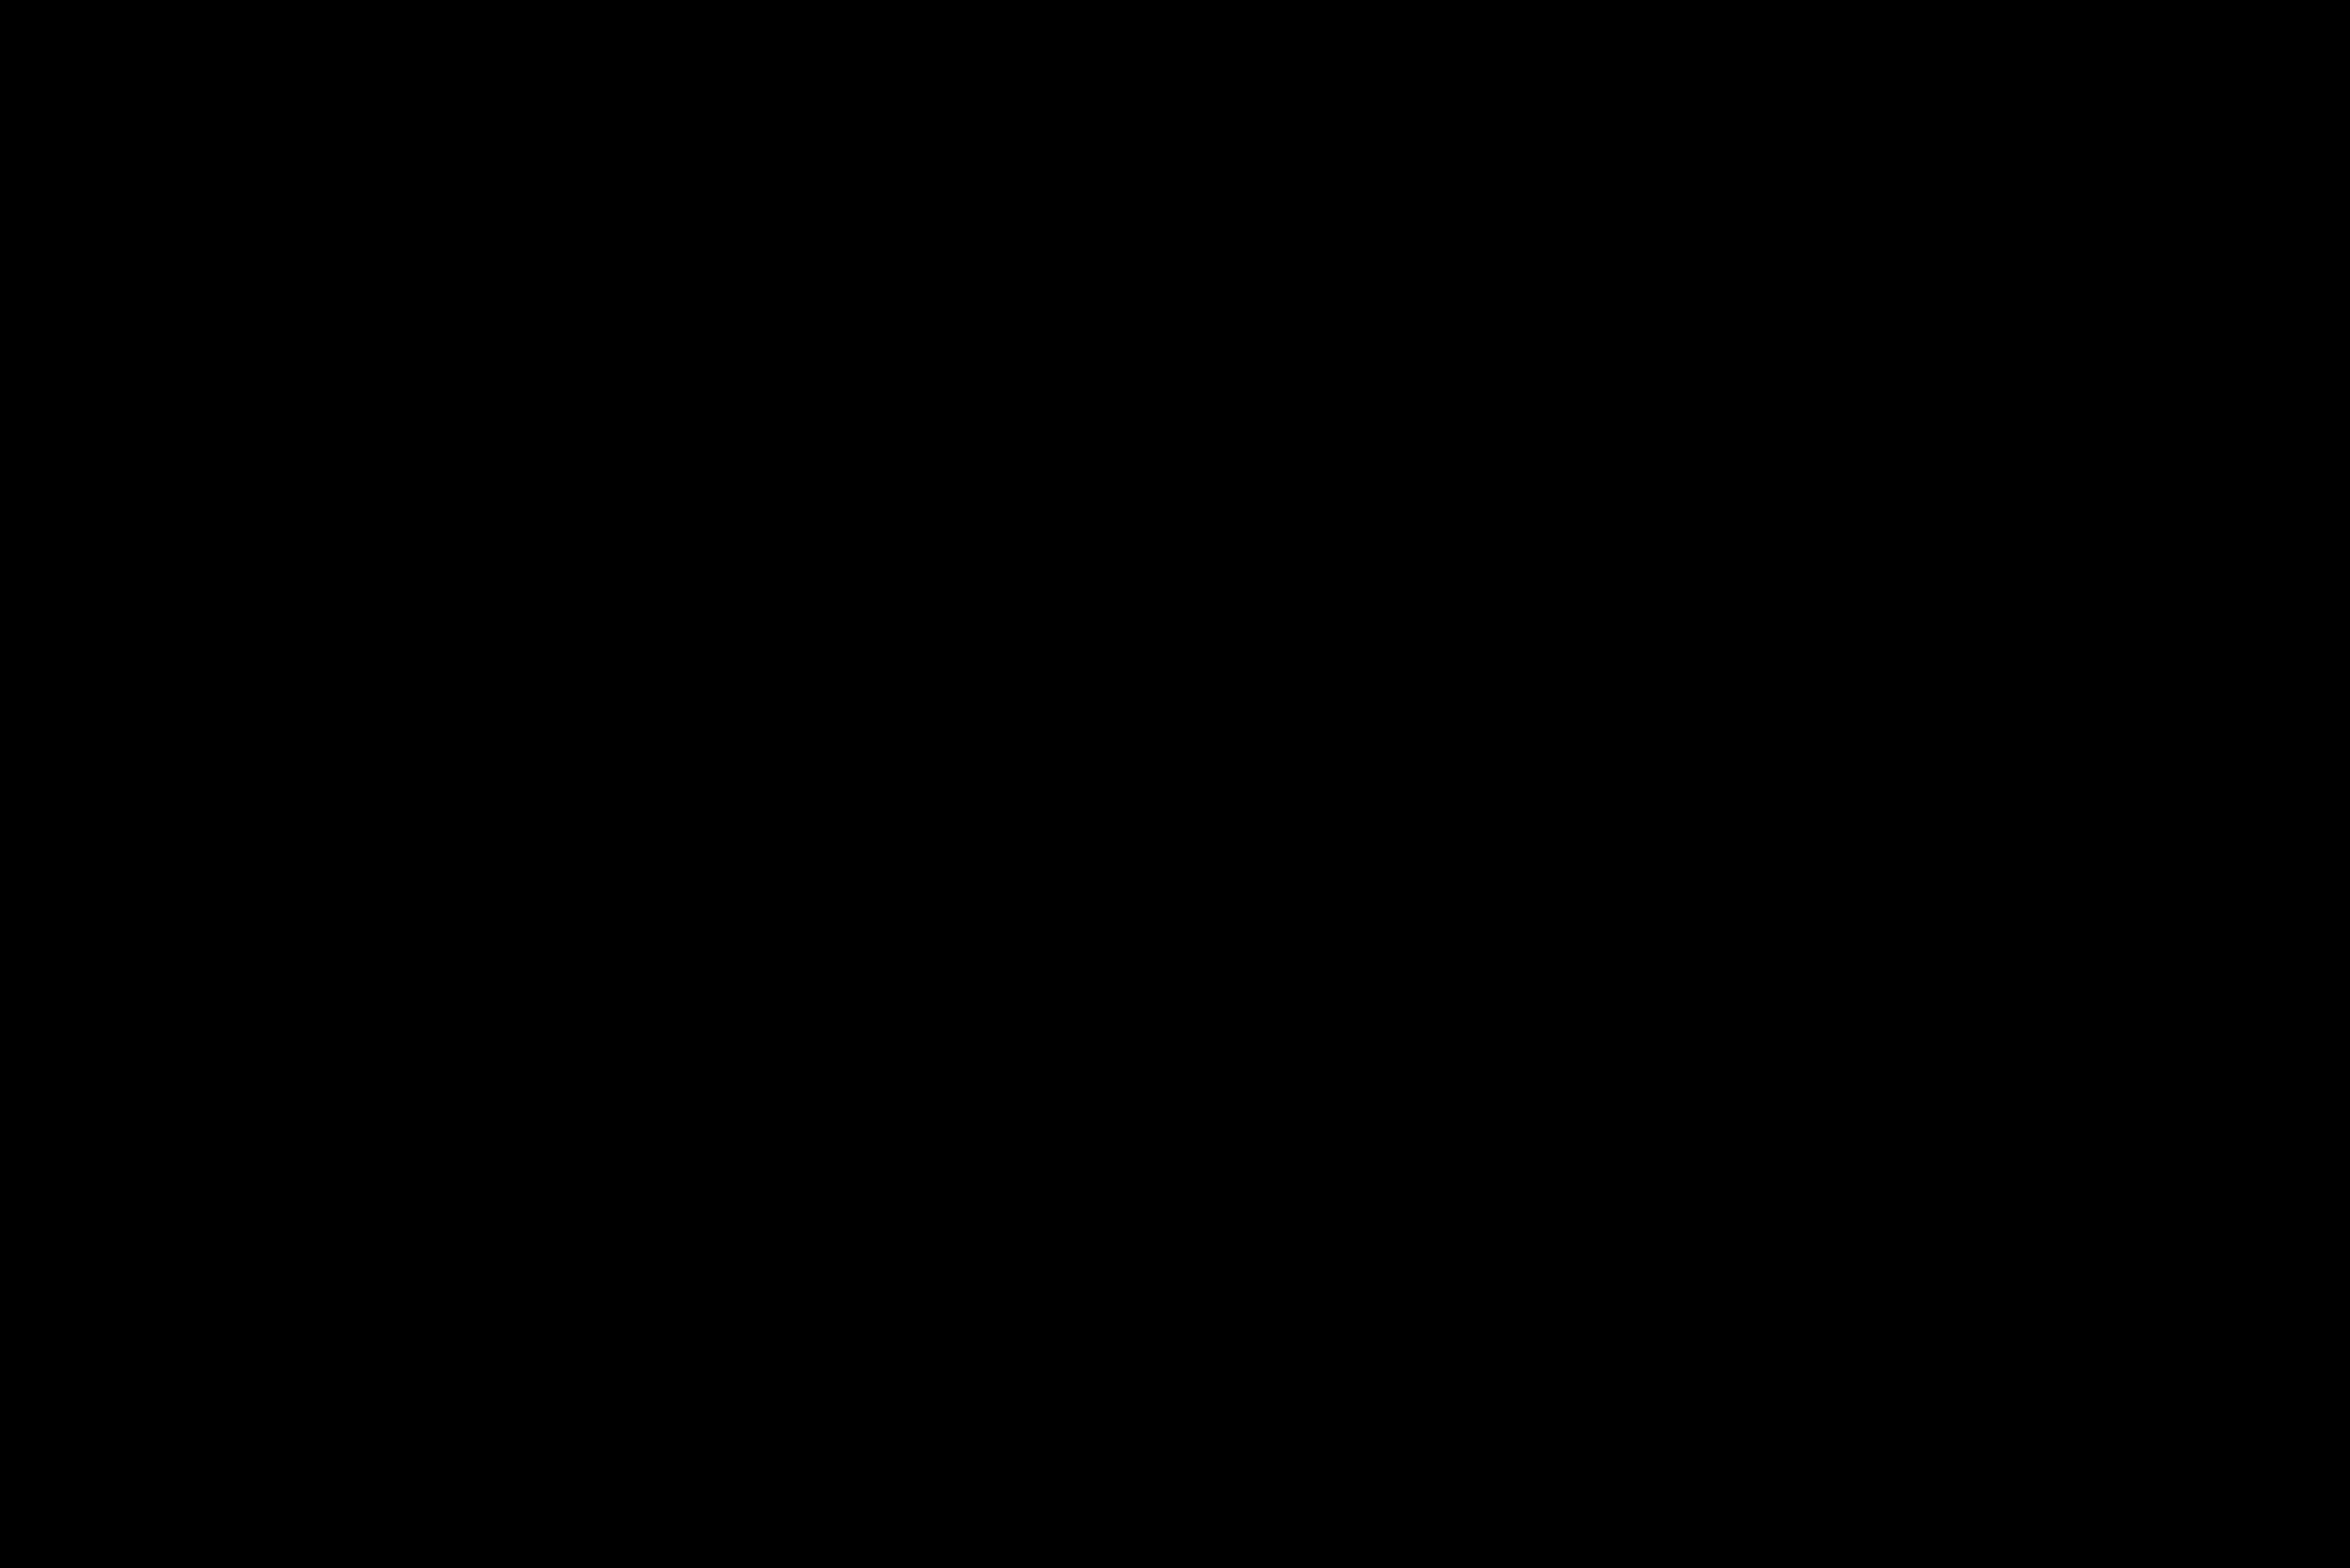 手に滑り止めをつける女性